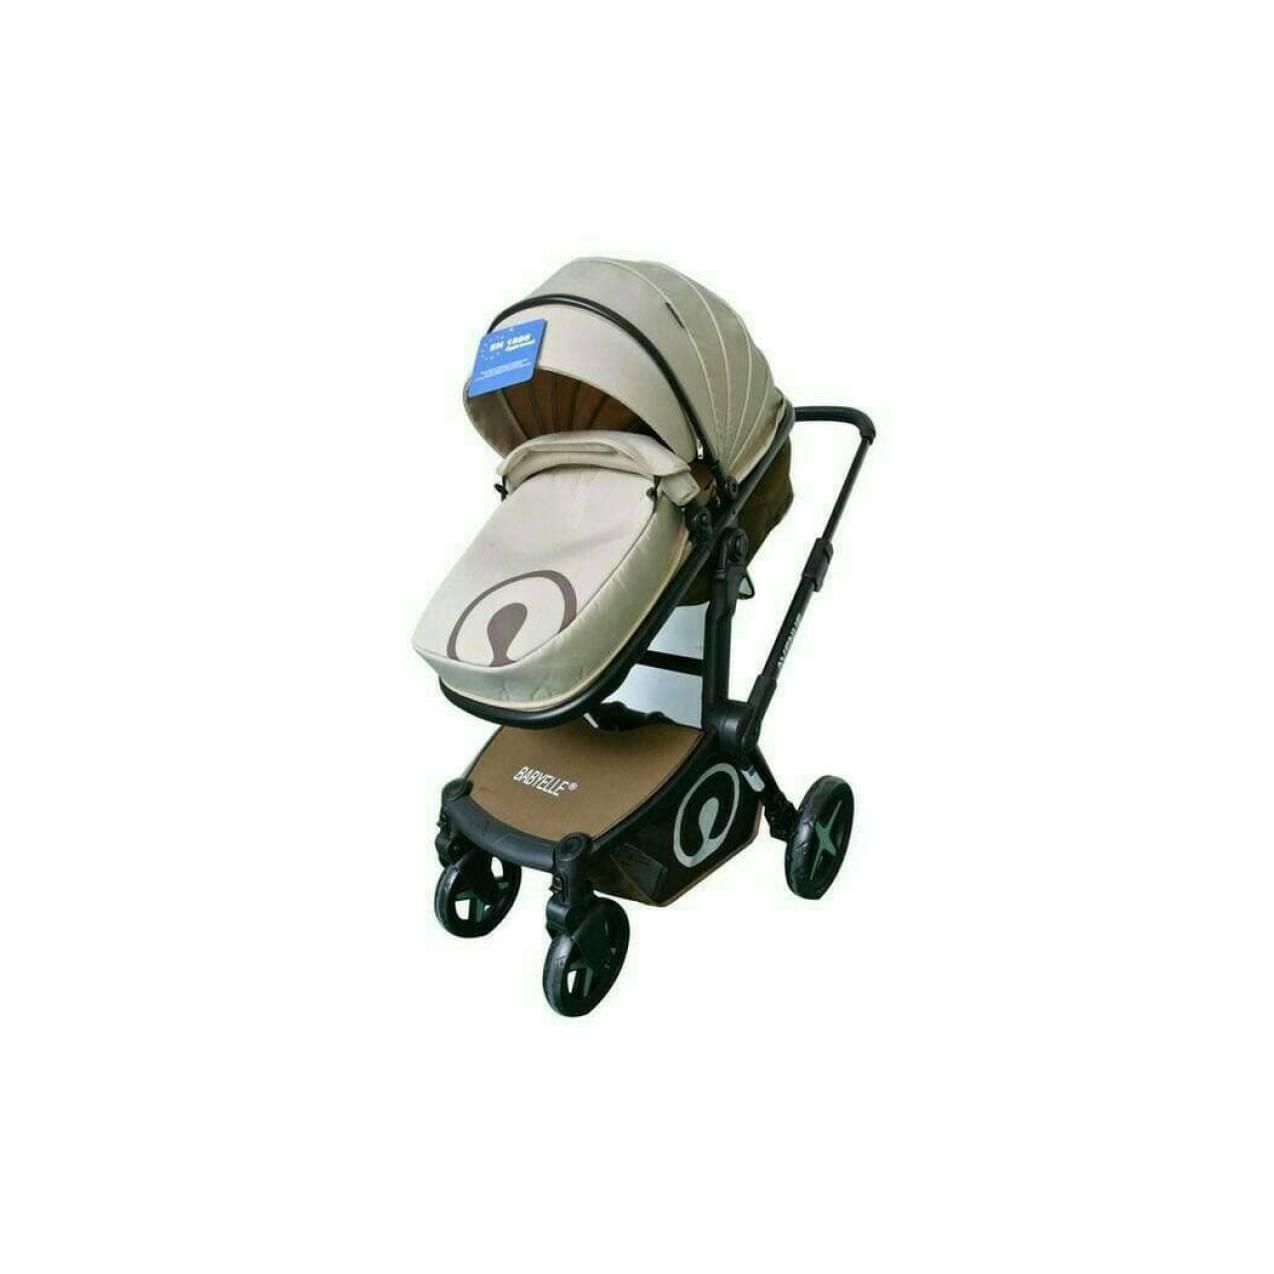 KHUSUS GOSEN|Stroller Babyelle Avenue / Stroller Bayi Babyelle BARU !!